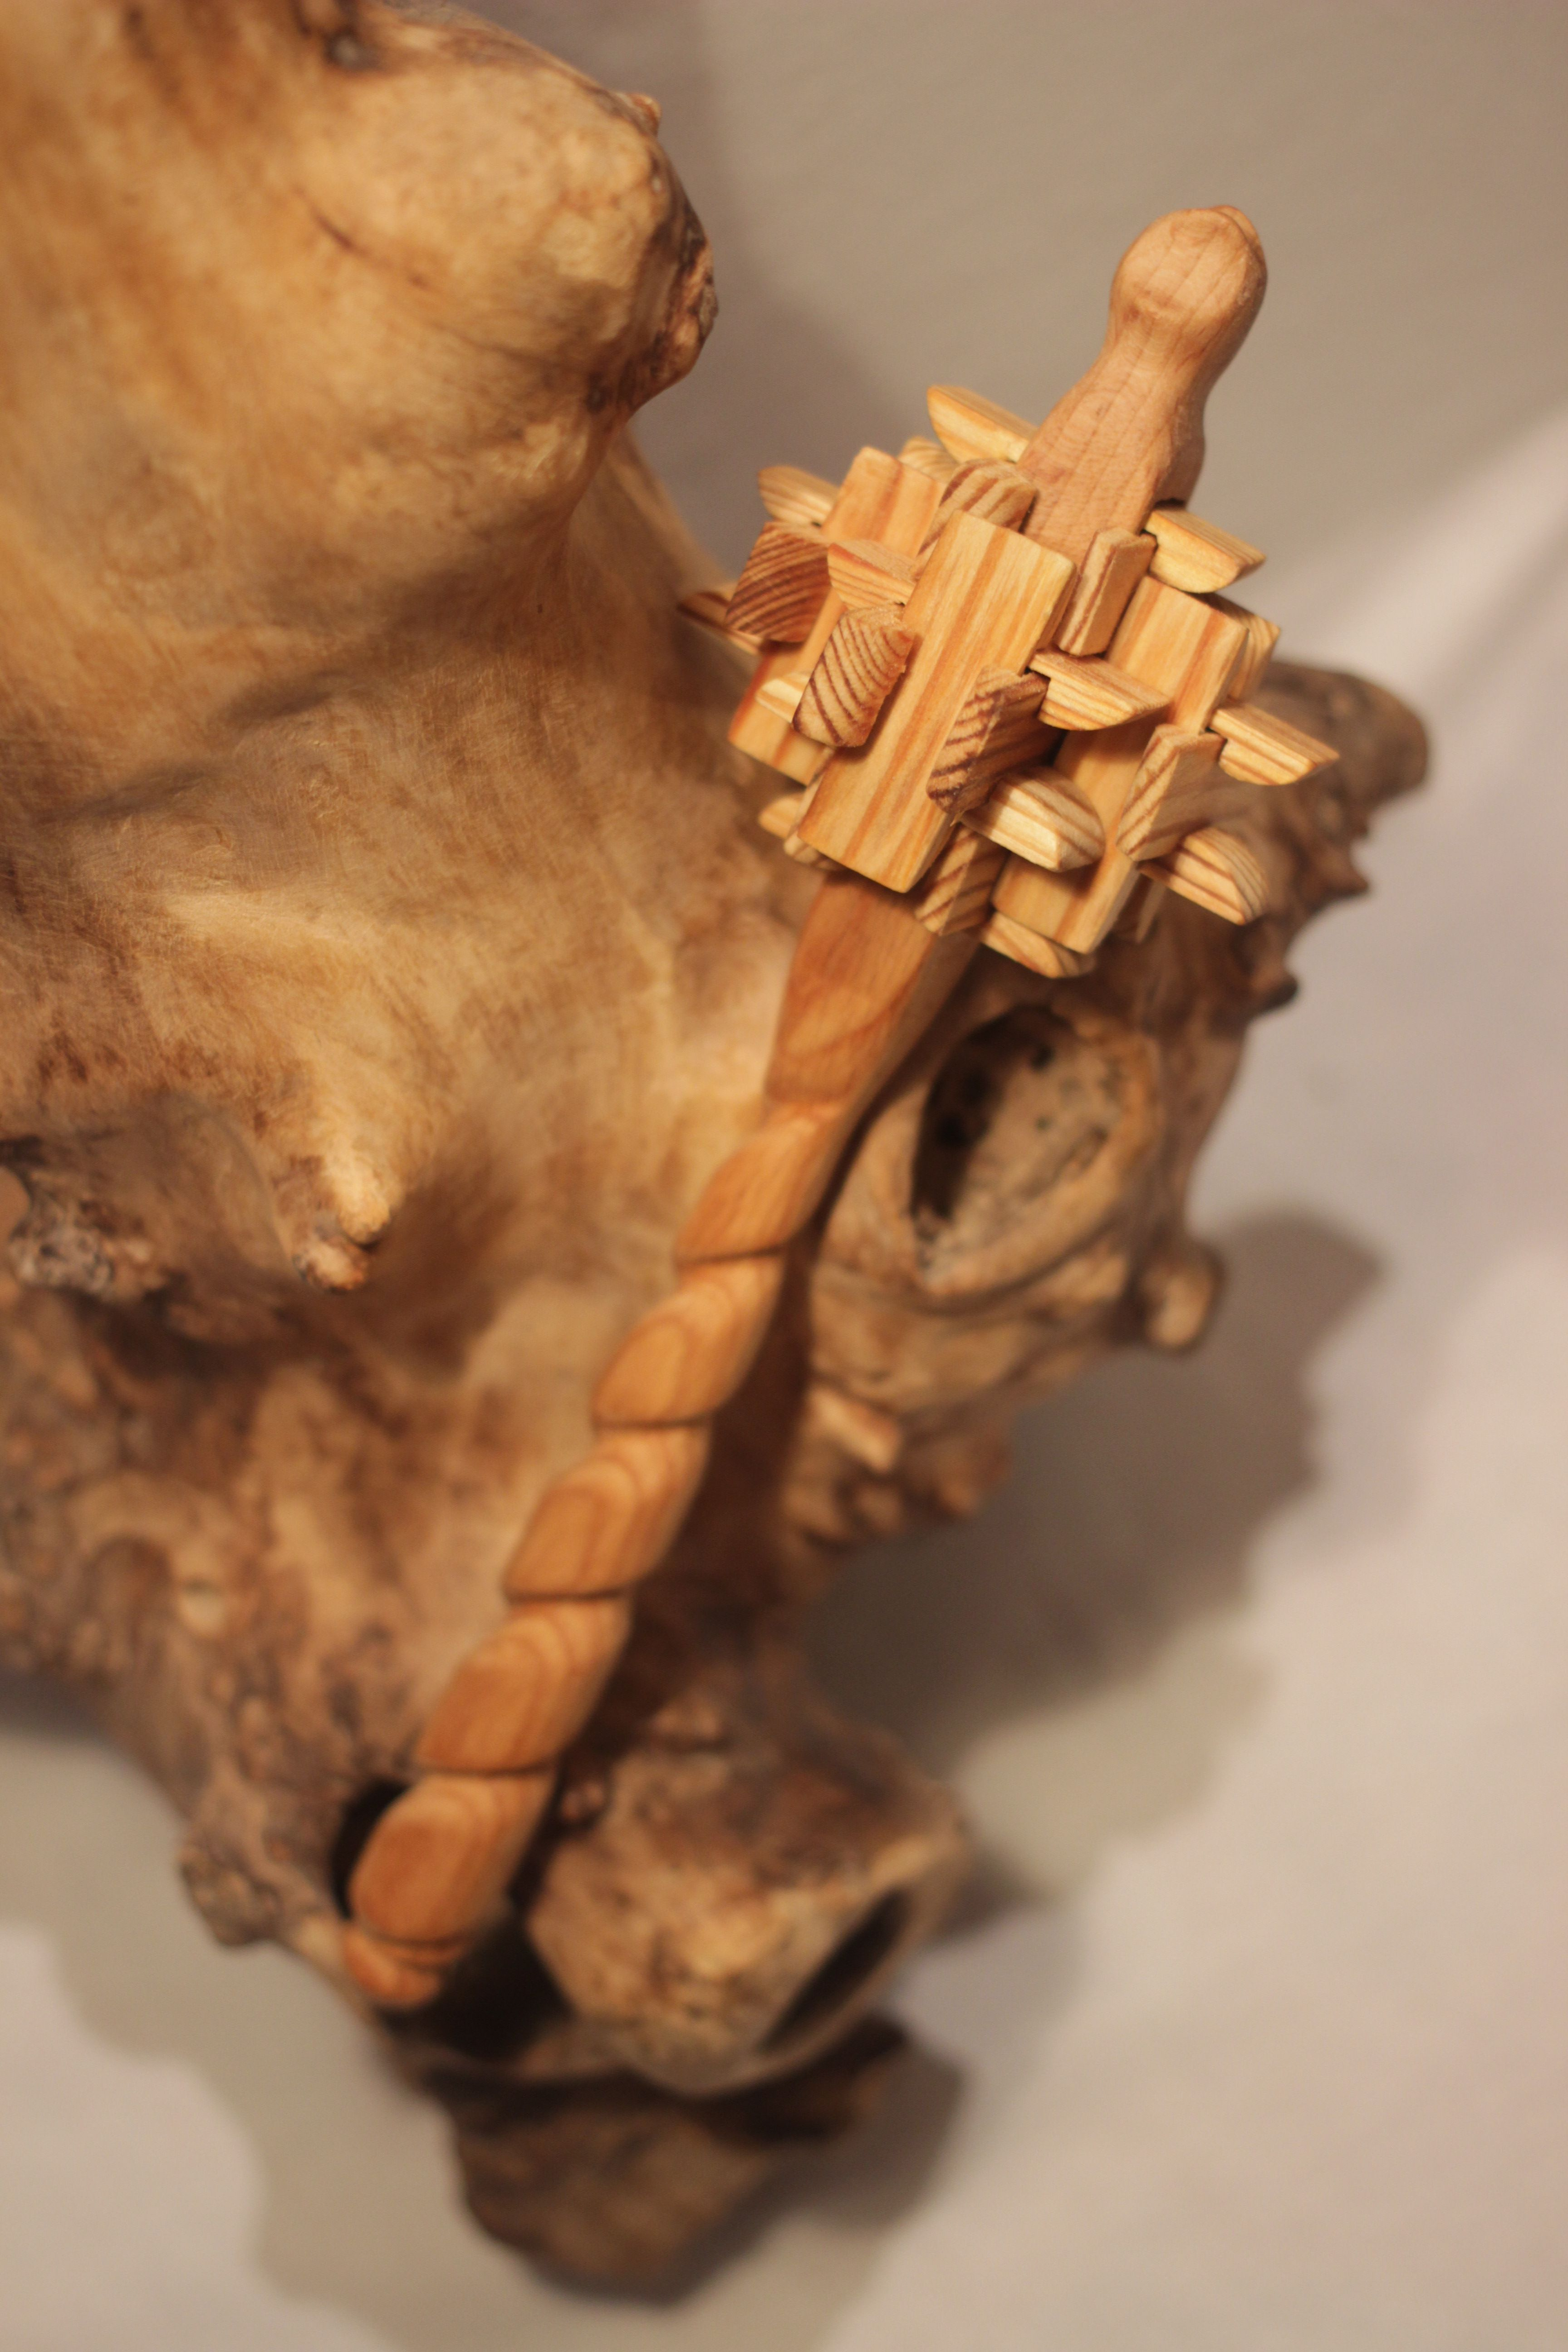 дерева работаподарок для по из ребёнкадля детейсувенирдереворезьба деревуручная ребёнкуподелки деревапогремушкадеревянная погремушкаизделия